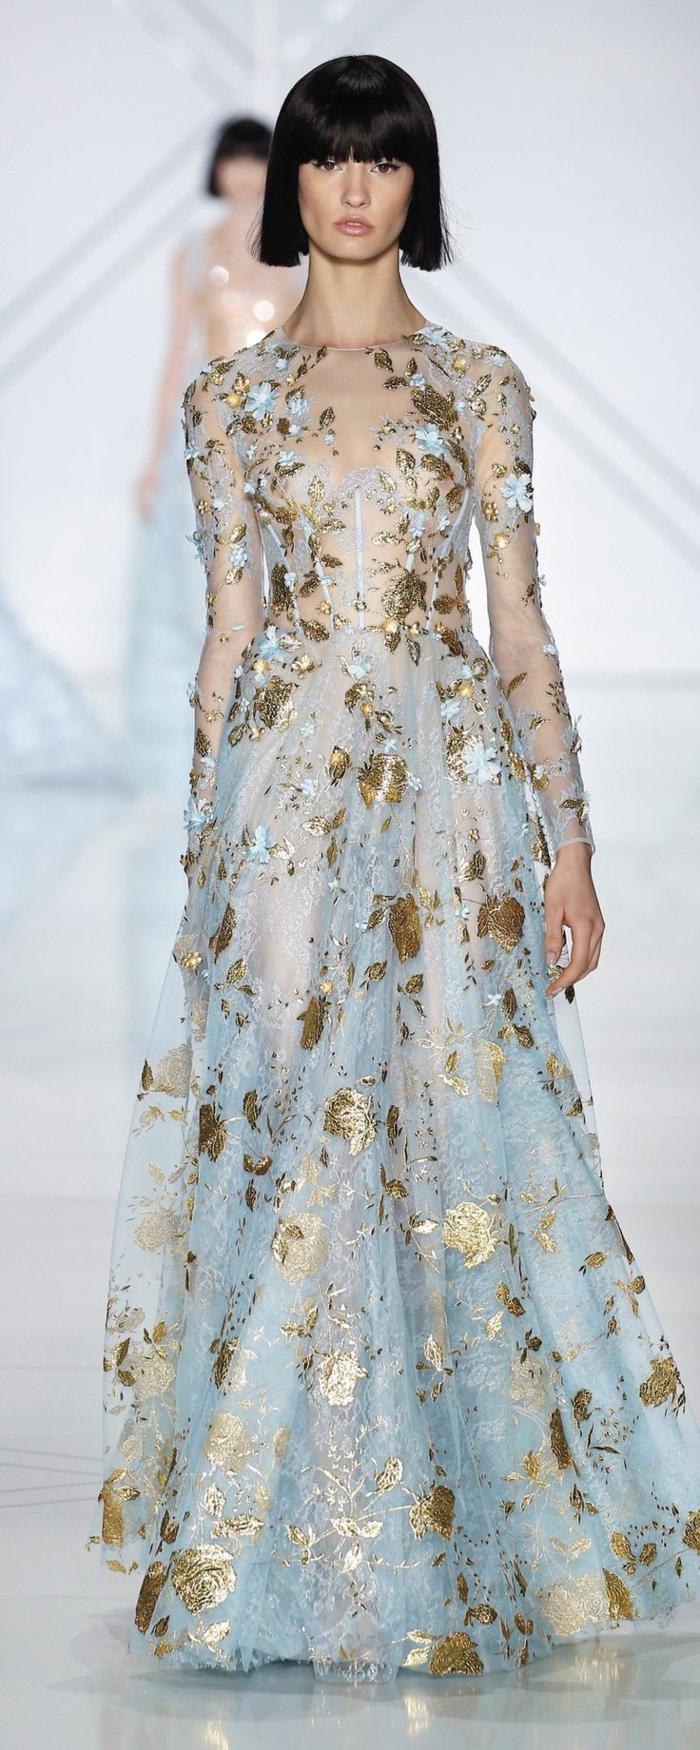 strickter Haarschnitt für kurze Haare mit geradem Pony, sehr langes feerisches Kleid in Hellblau mit goldenen Applizierungen